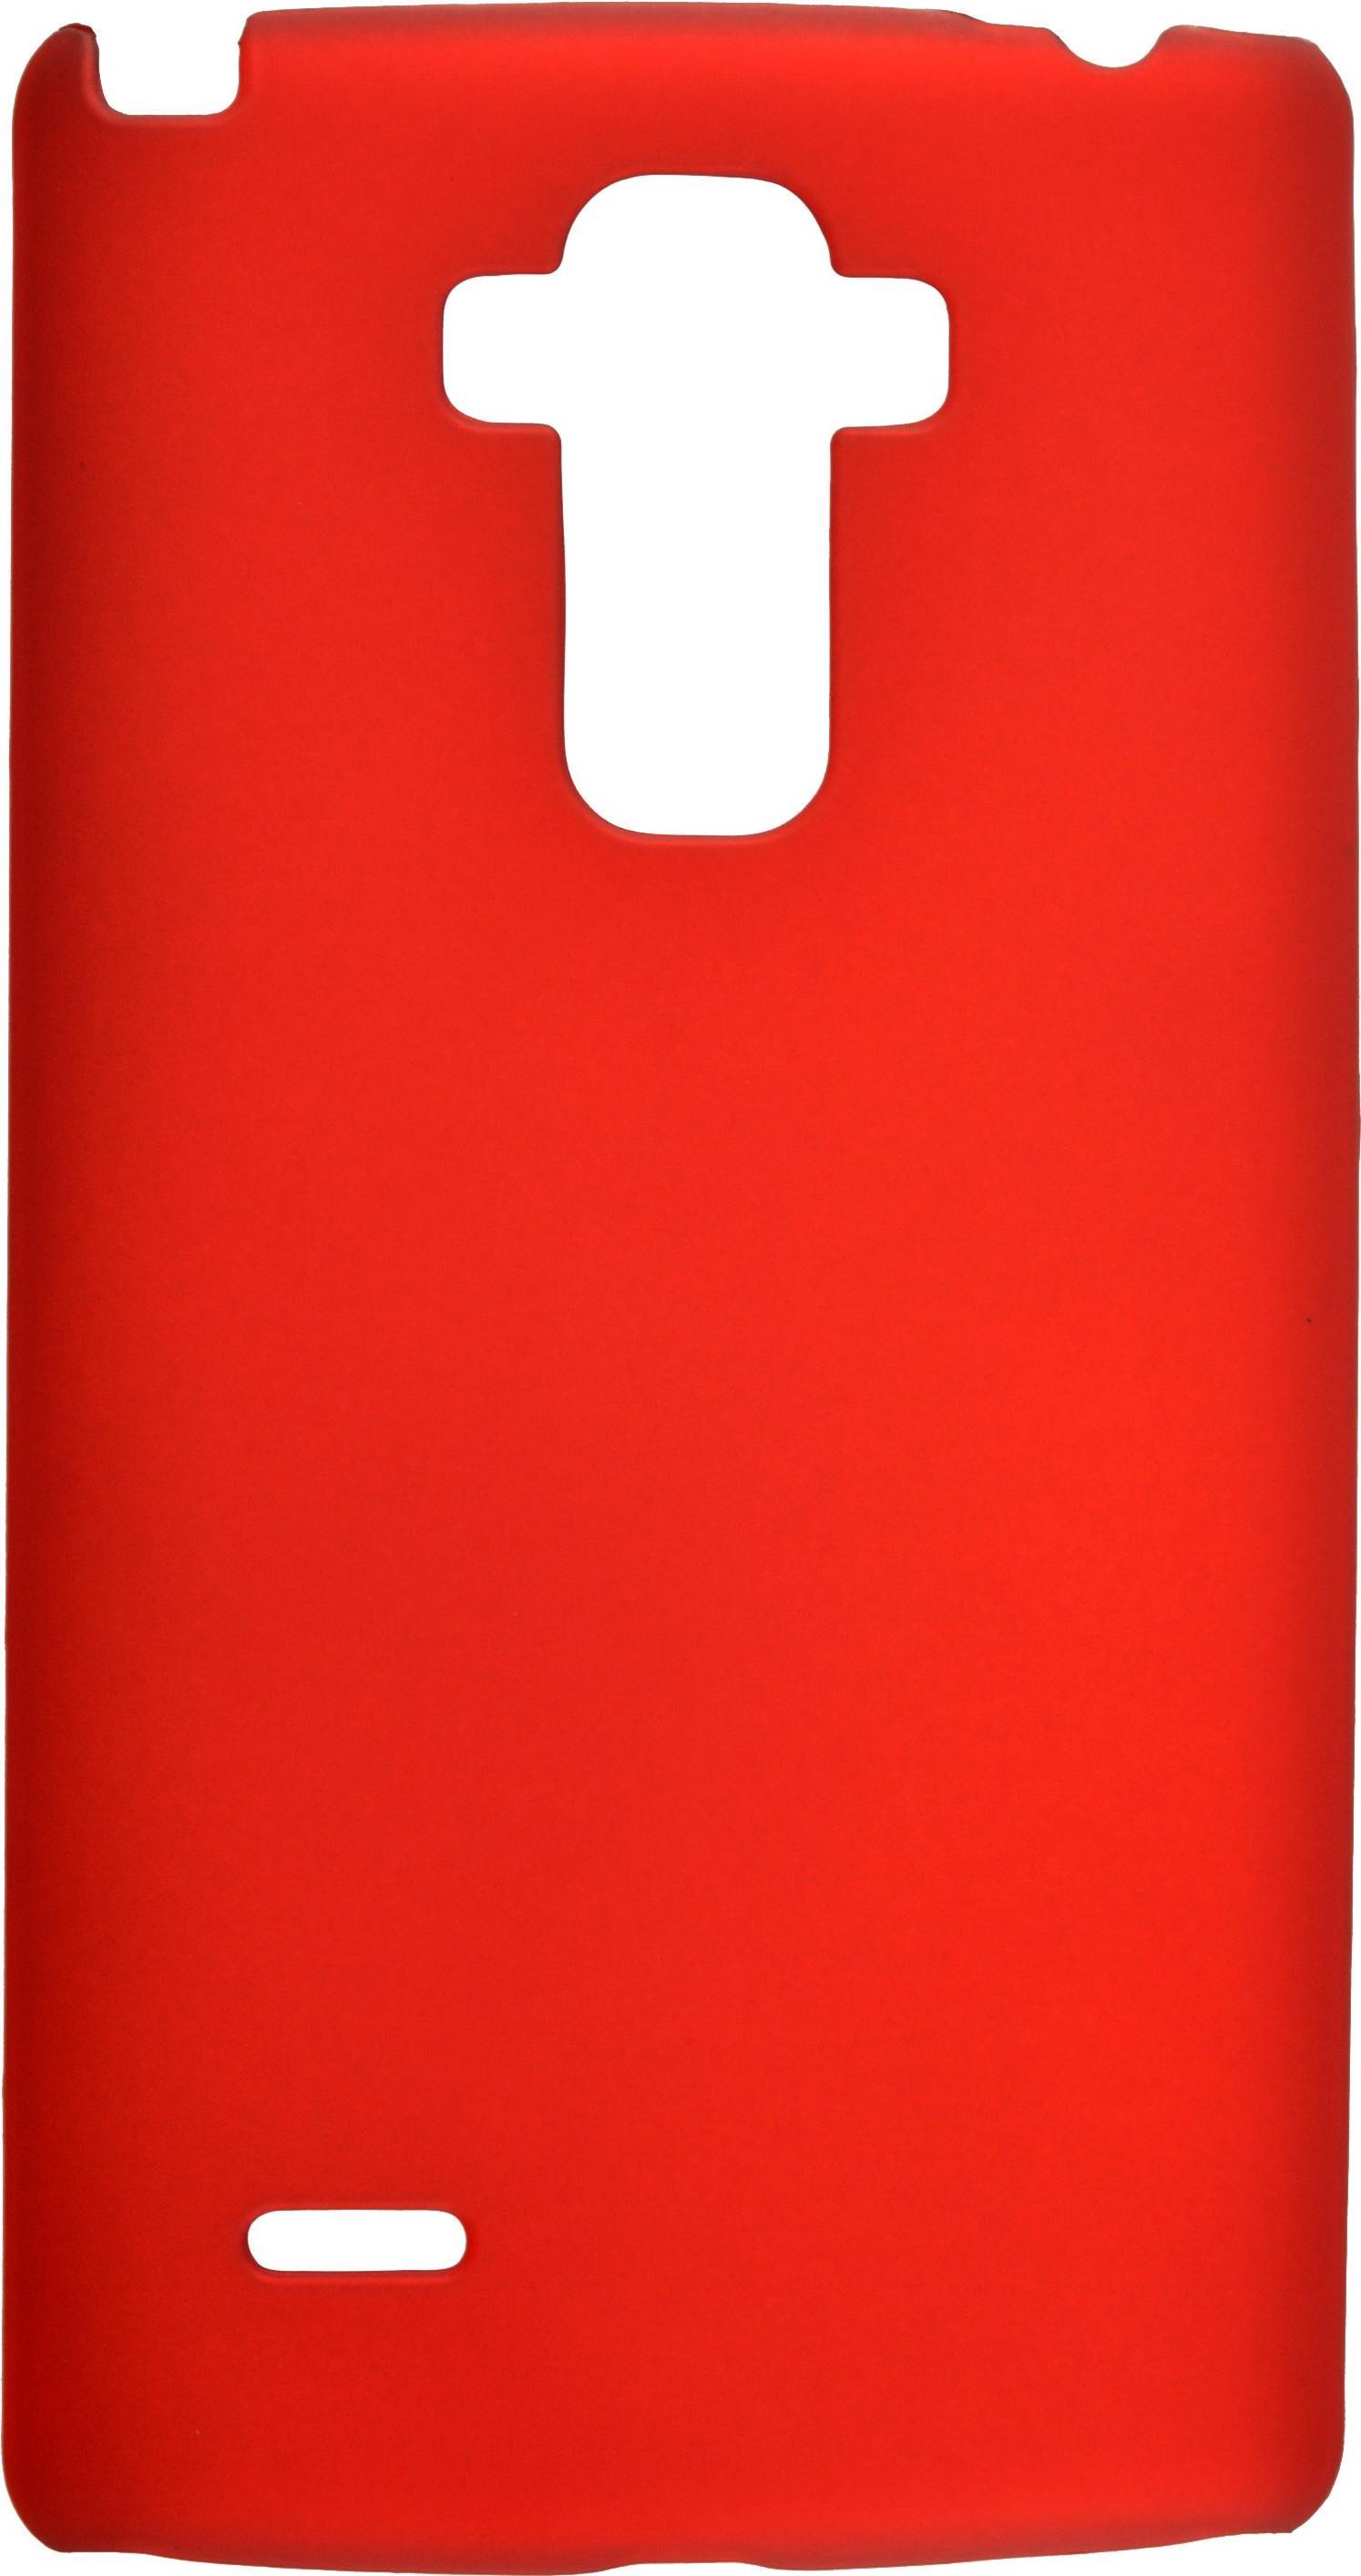 Чехол для сотового телефона skinBOX 4People, 4630042525078, красный цена